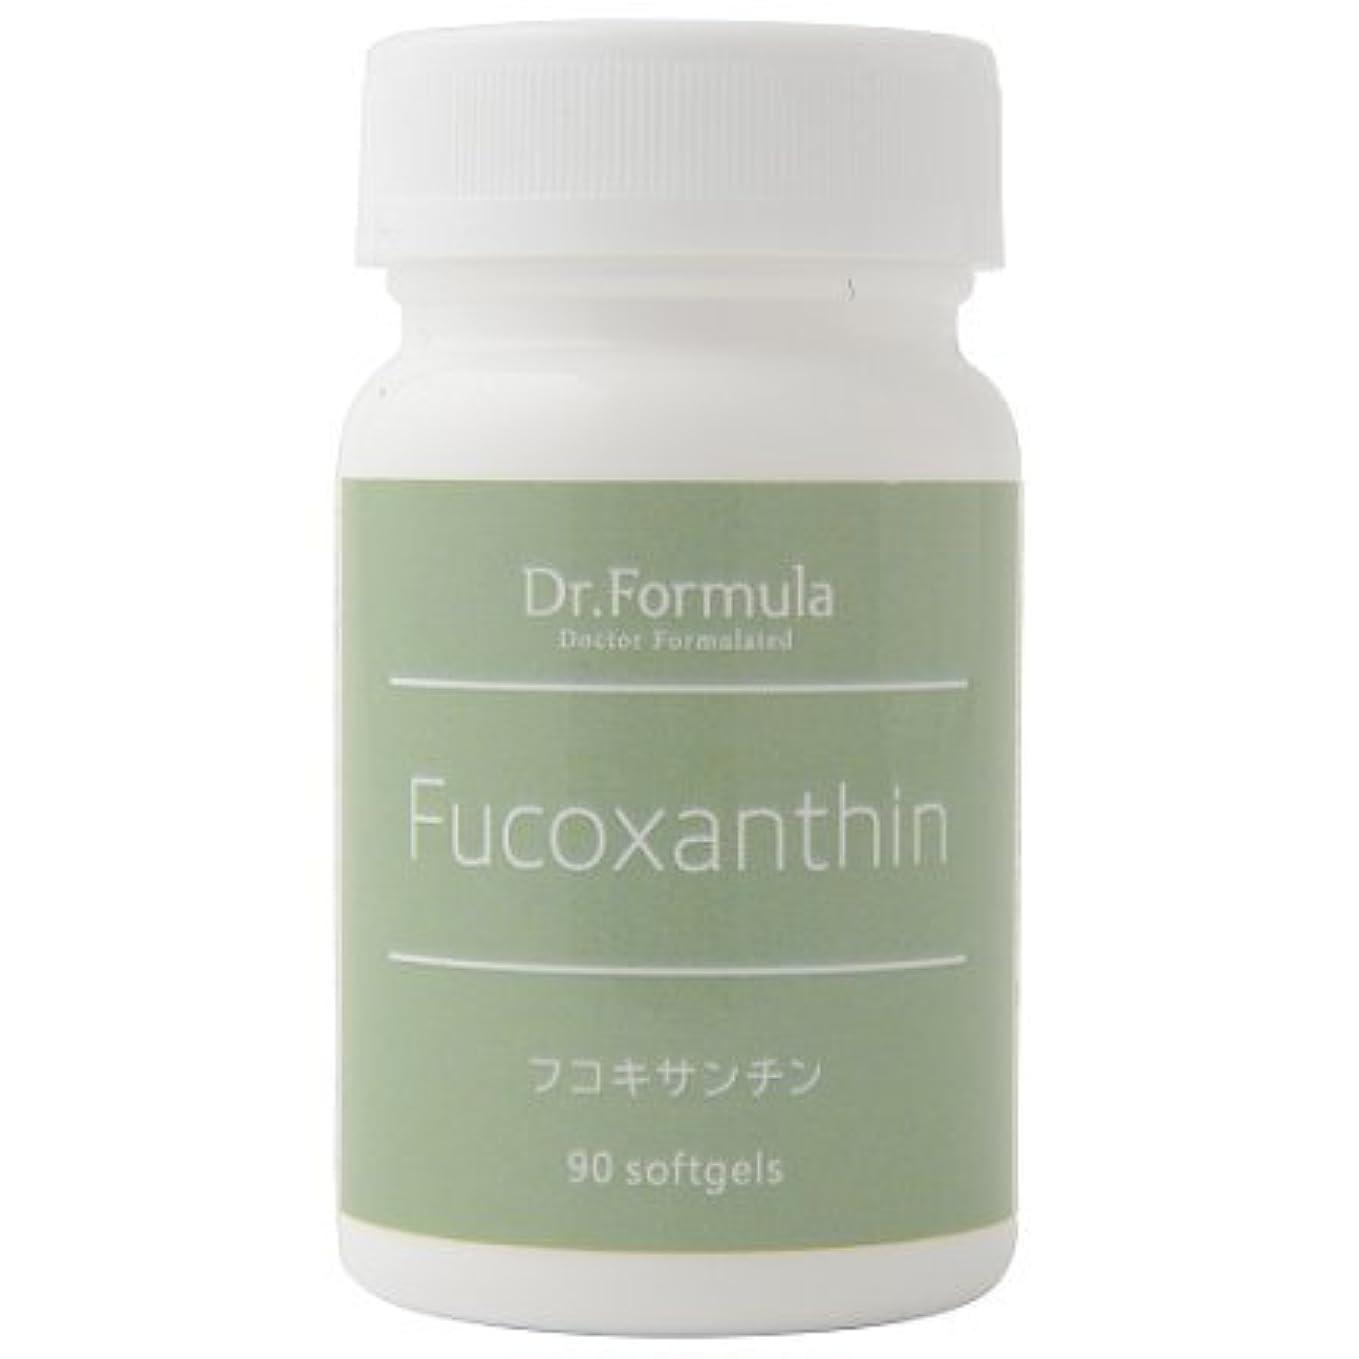 ネーピア札入れ金属Dr.Formula フコキサンチン(テレビで話題の希少成分) 30日分 90粒 日本製 Fucoxanthin